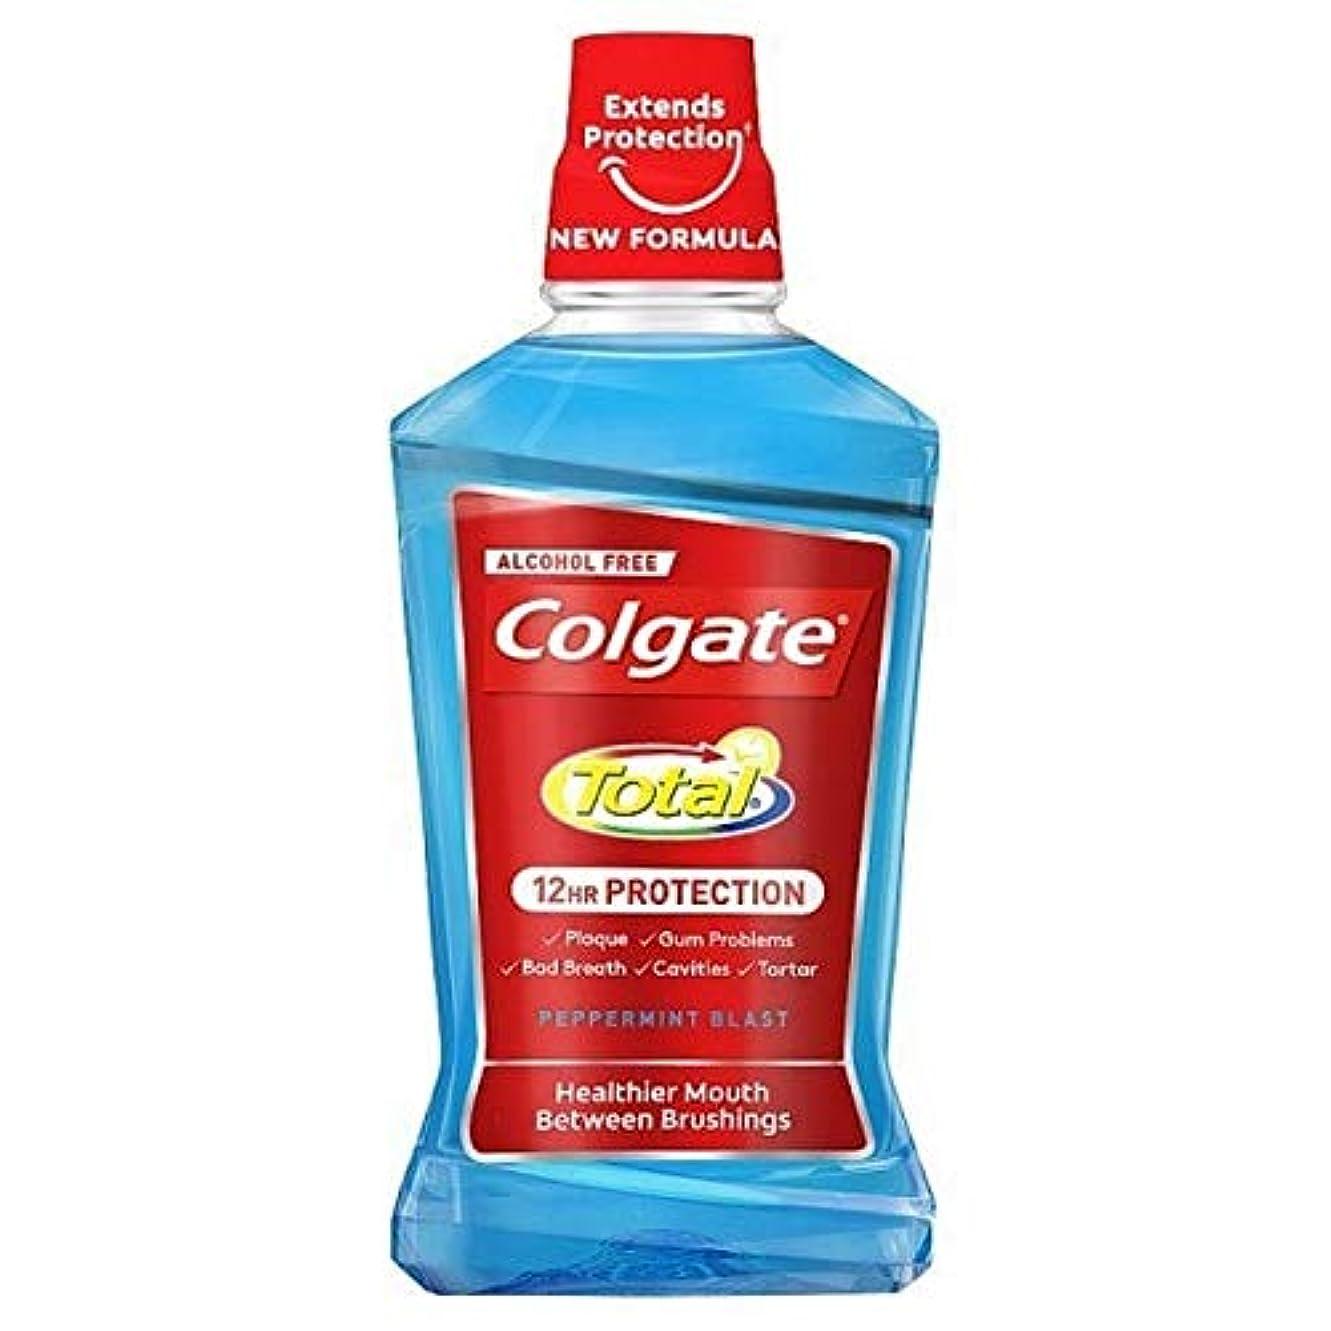 クローン泥旋回[Colgate ] コルゲートトータルペパーミントブラストマウスウォッシュ500ミリリットル - Colgate Total Peppermint Blast Mouthwash 500ml [並行輸入品]